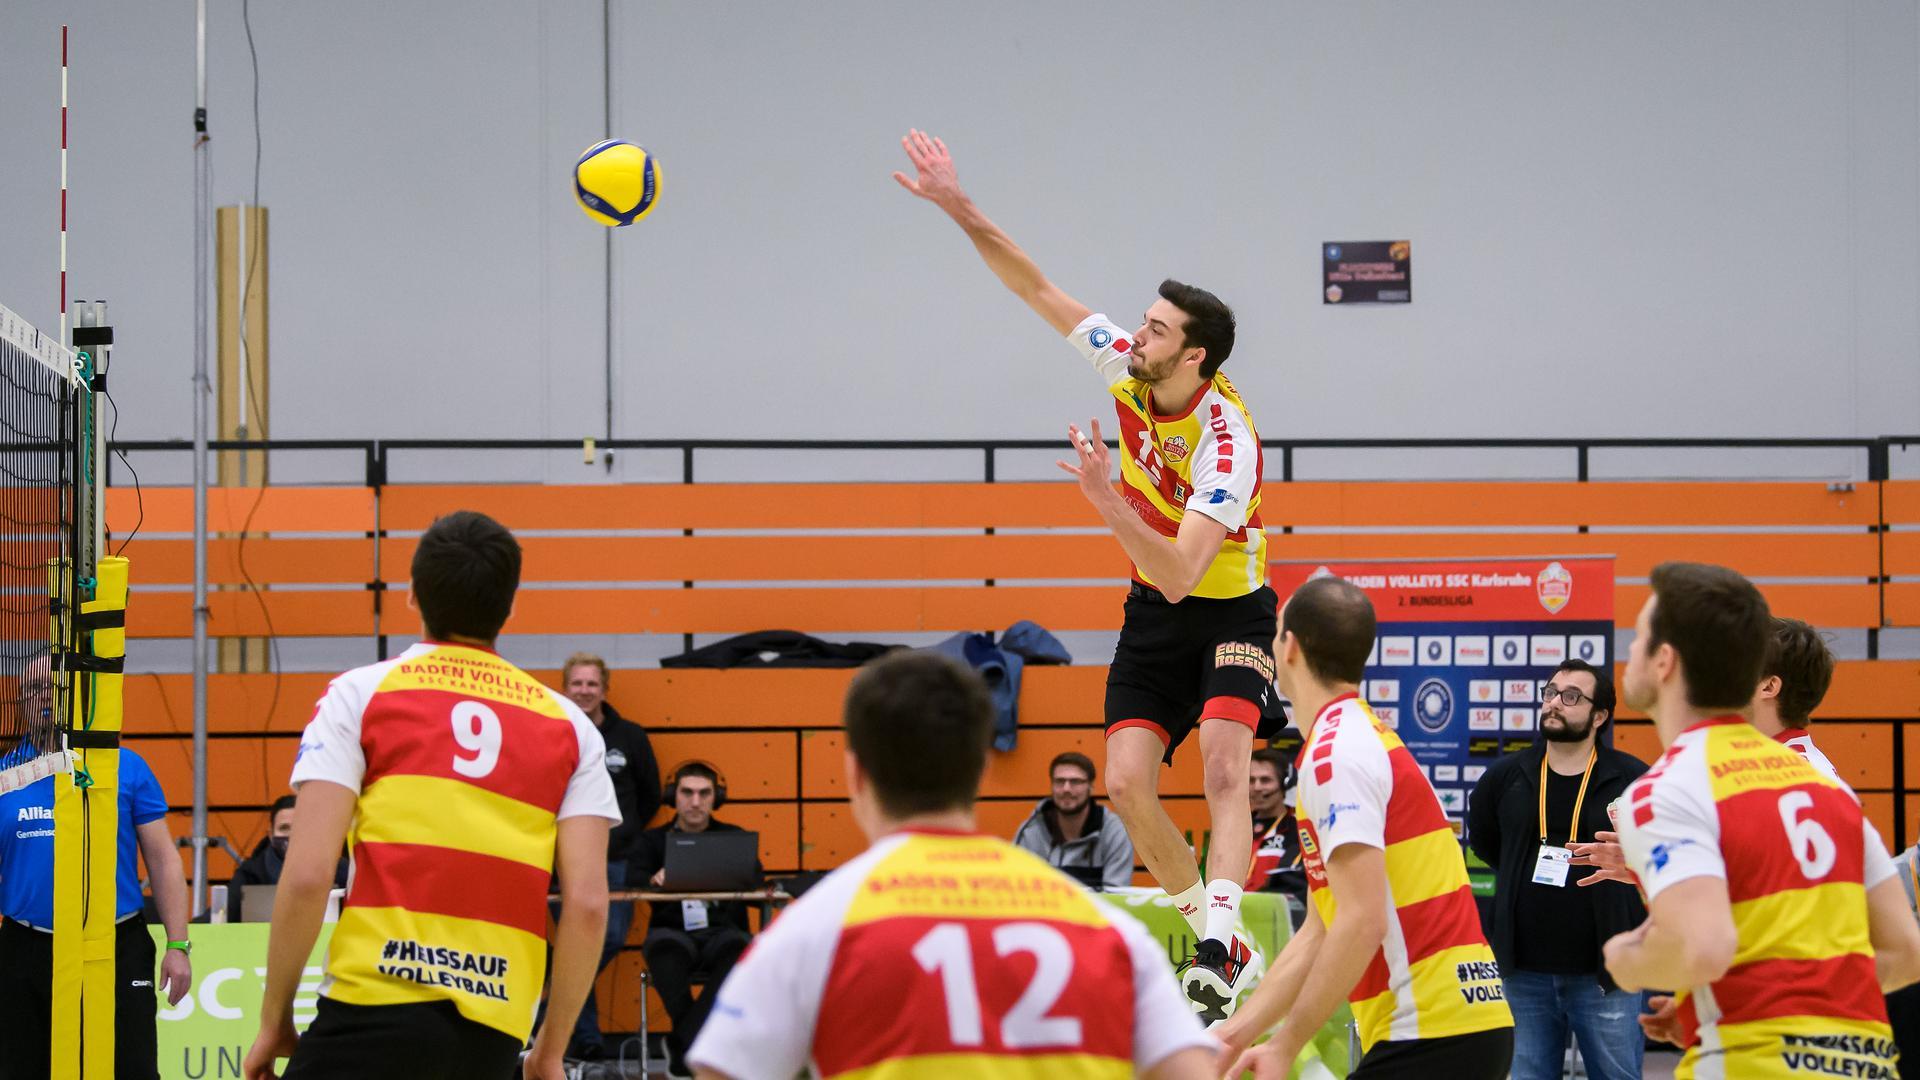 Jens Sandmeier (SSC) beim Schmetterball.  GES/ Volleyball/ 2. Bundesliga-Sued: Baden Volleys SSC Karlsruhe - Blue Volleys Gotha, 05.12.2020 --